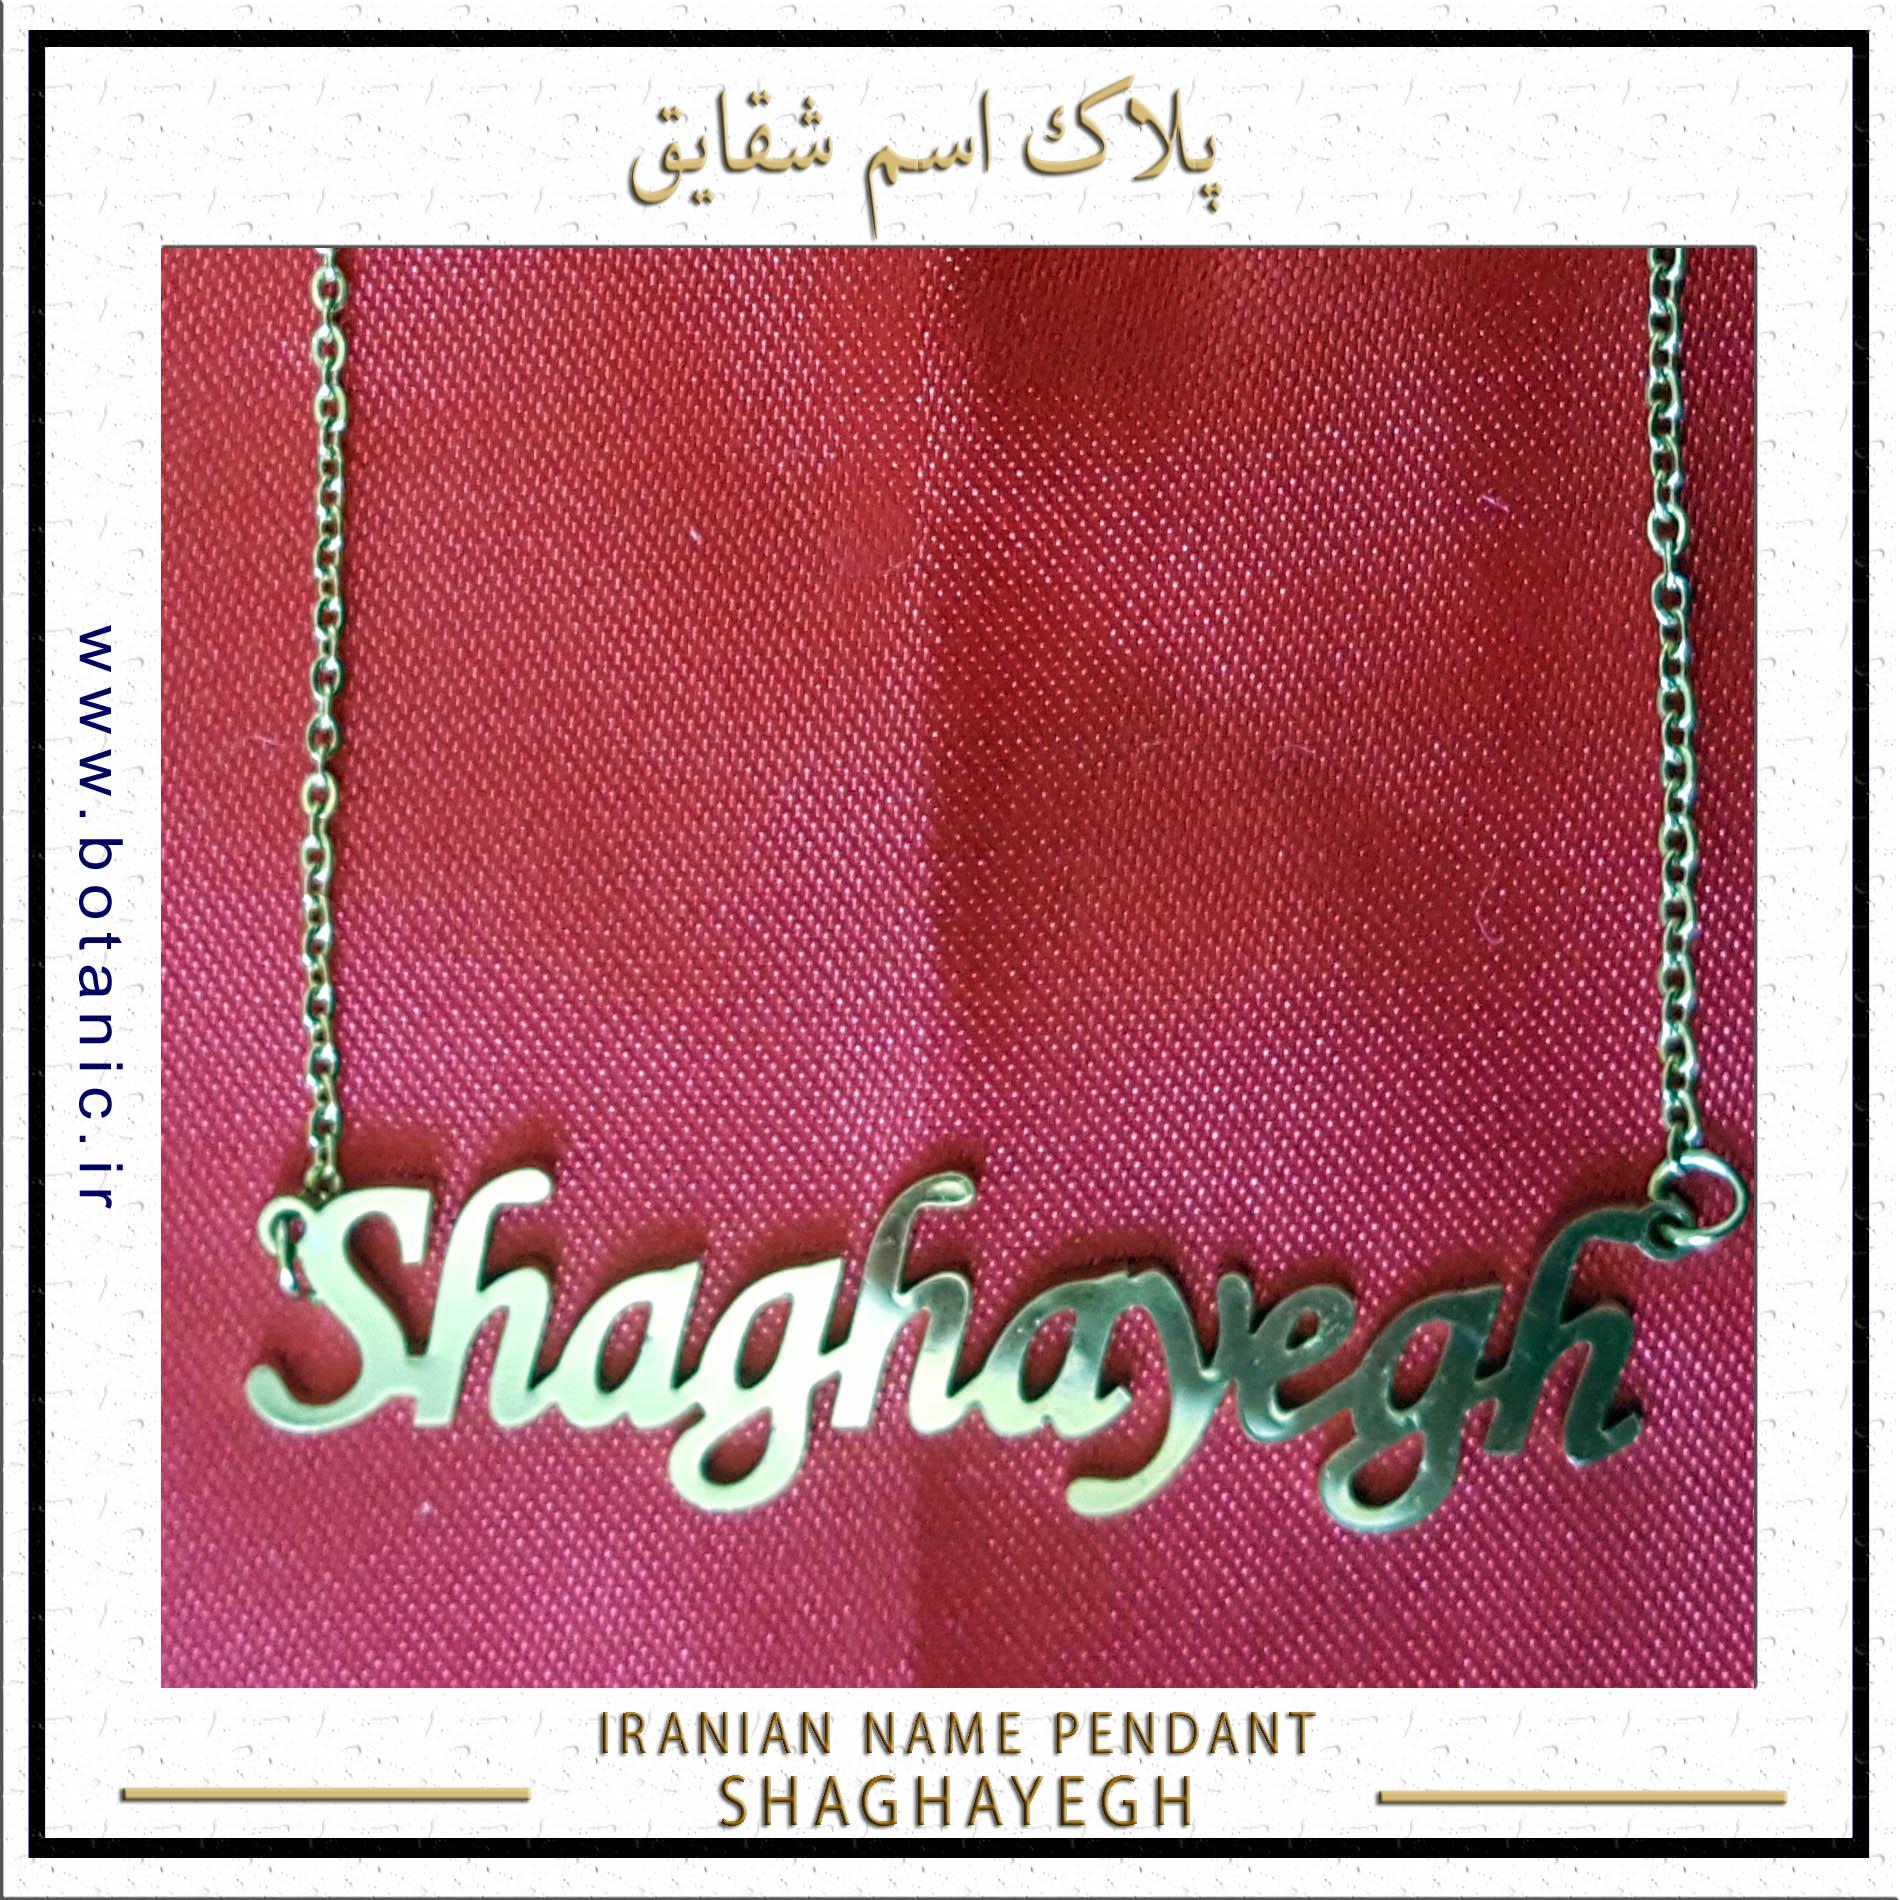 Iranian Name Pendant Shaghayegh